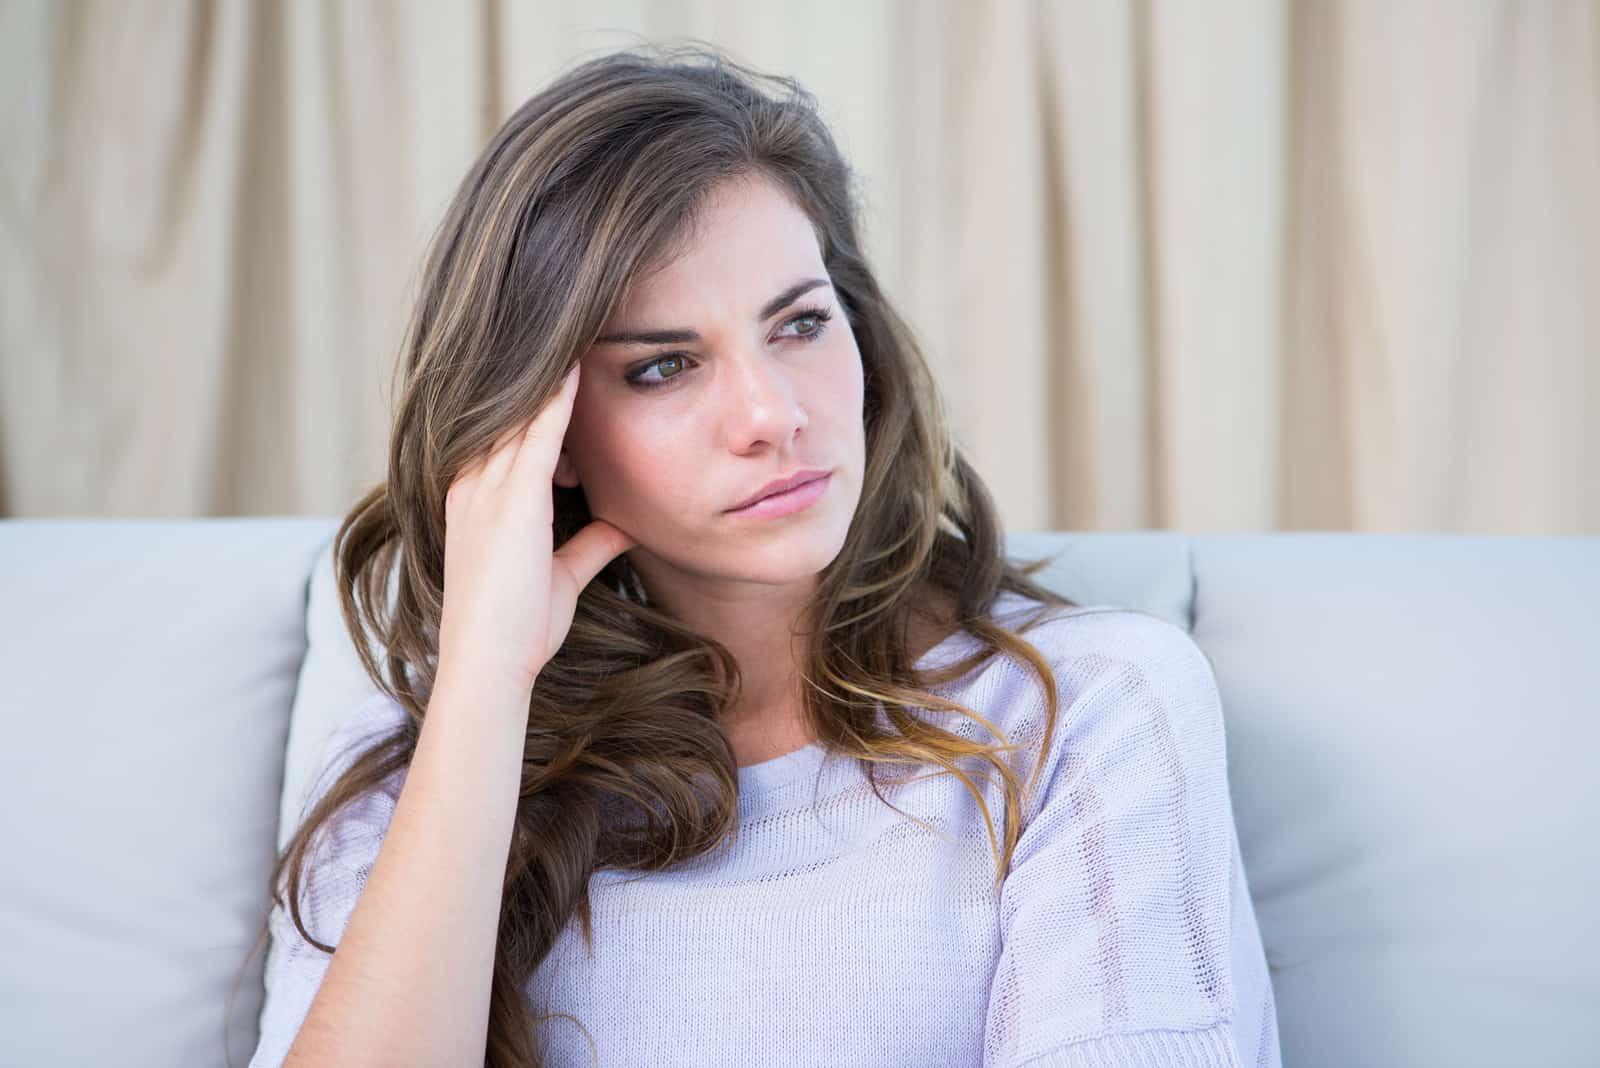 femme triste en pull blanc assise sur un canapé